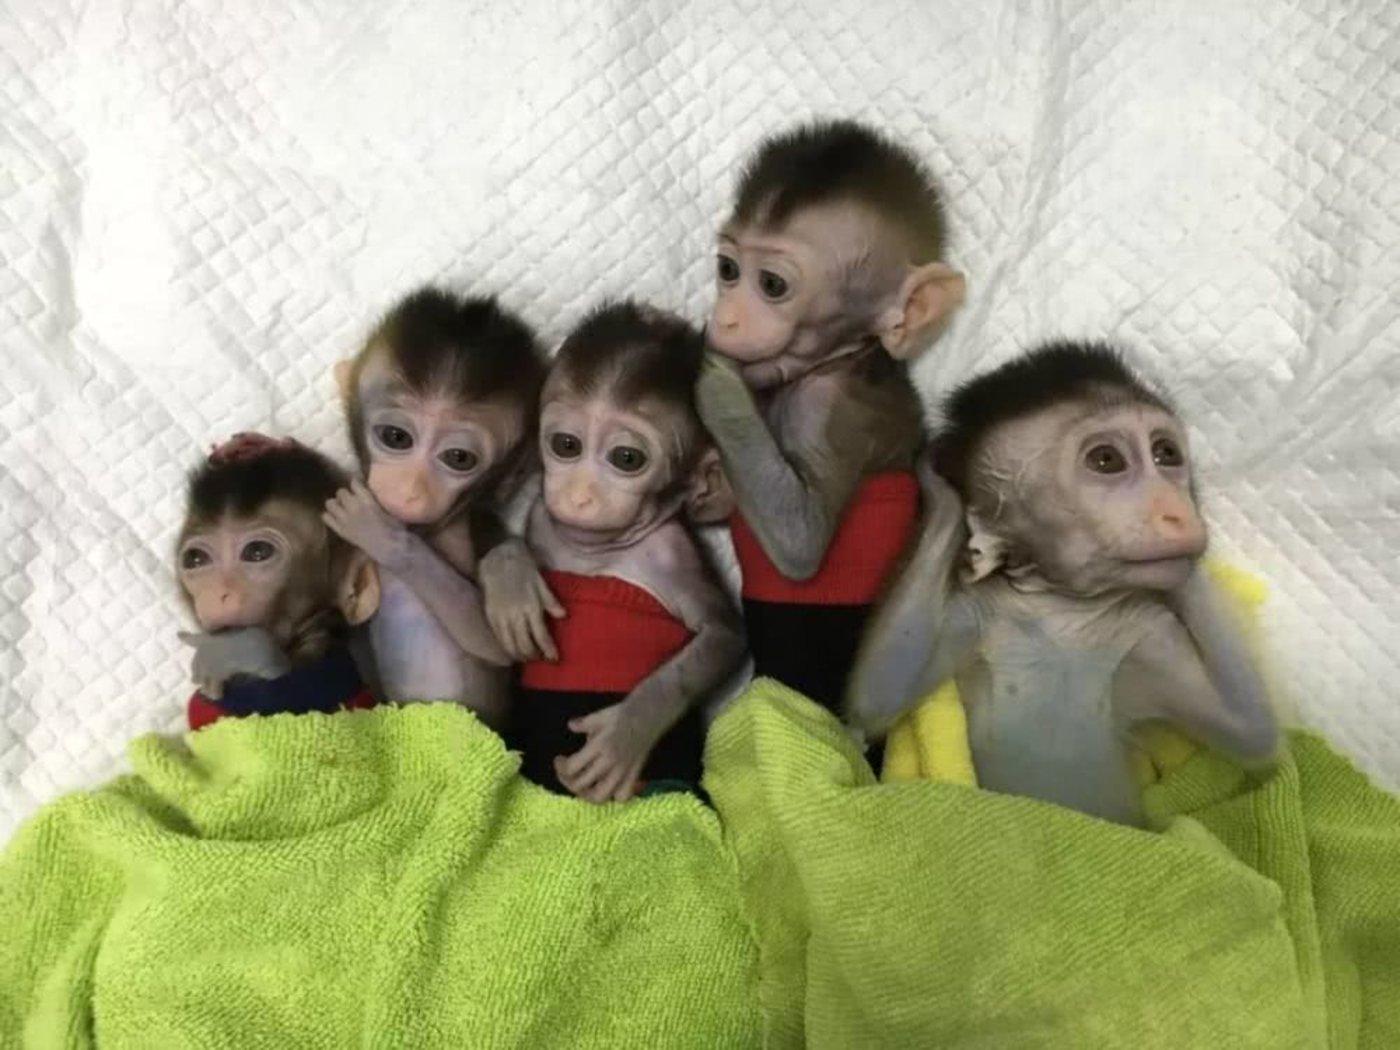 五只生物节律紊乱体细胞克隆猴,图/中科院神经科学研究所